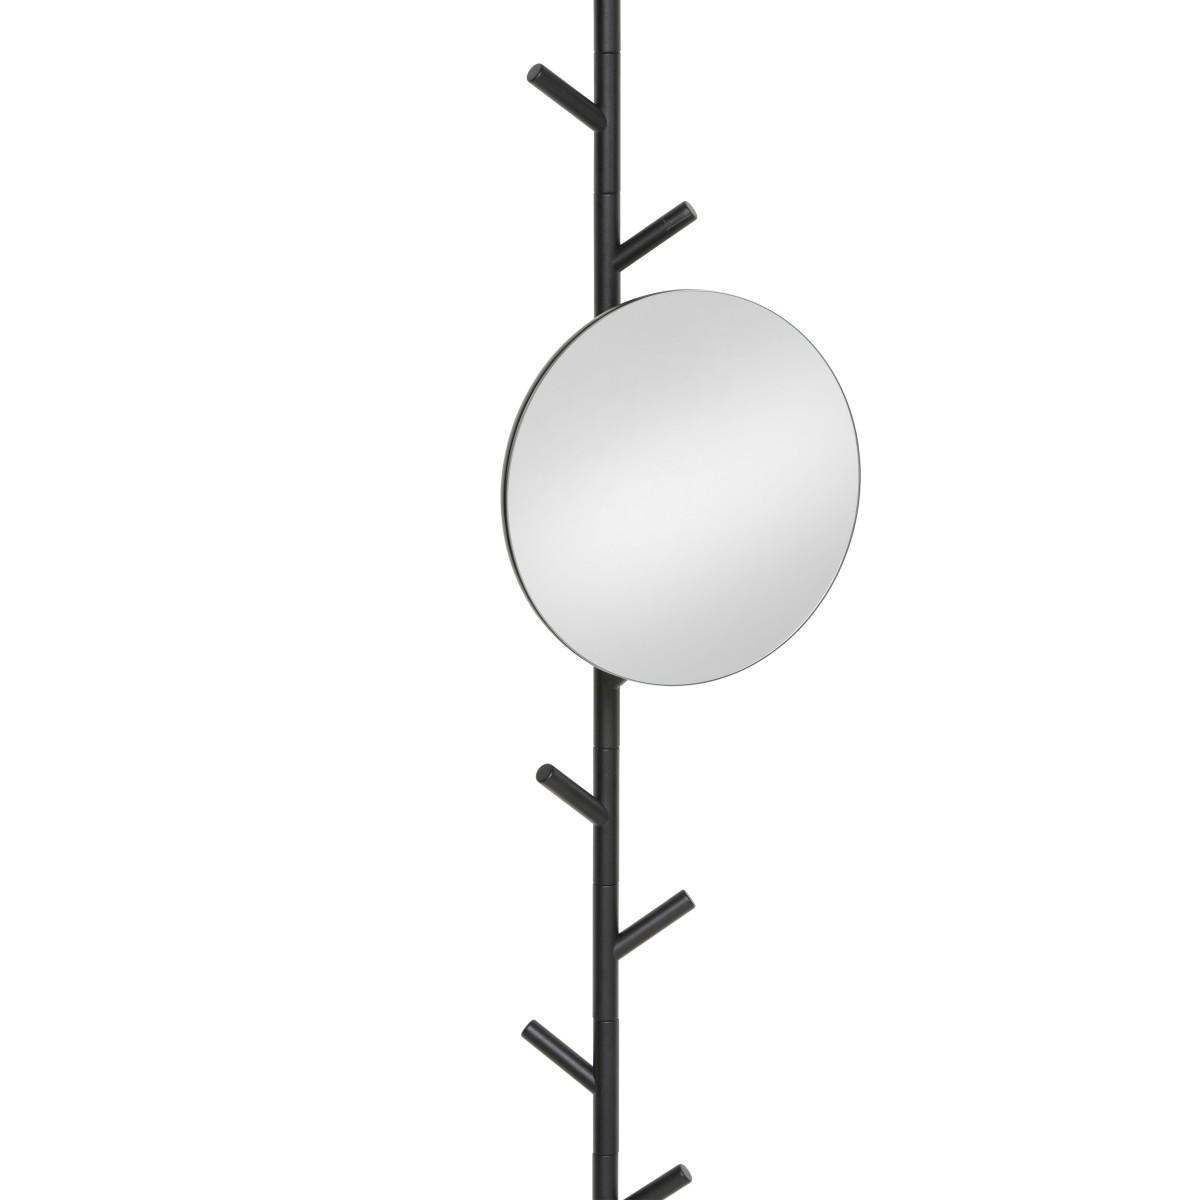 SUMI Spanngarderobe mit Spiegel 28 cm